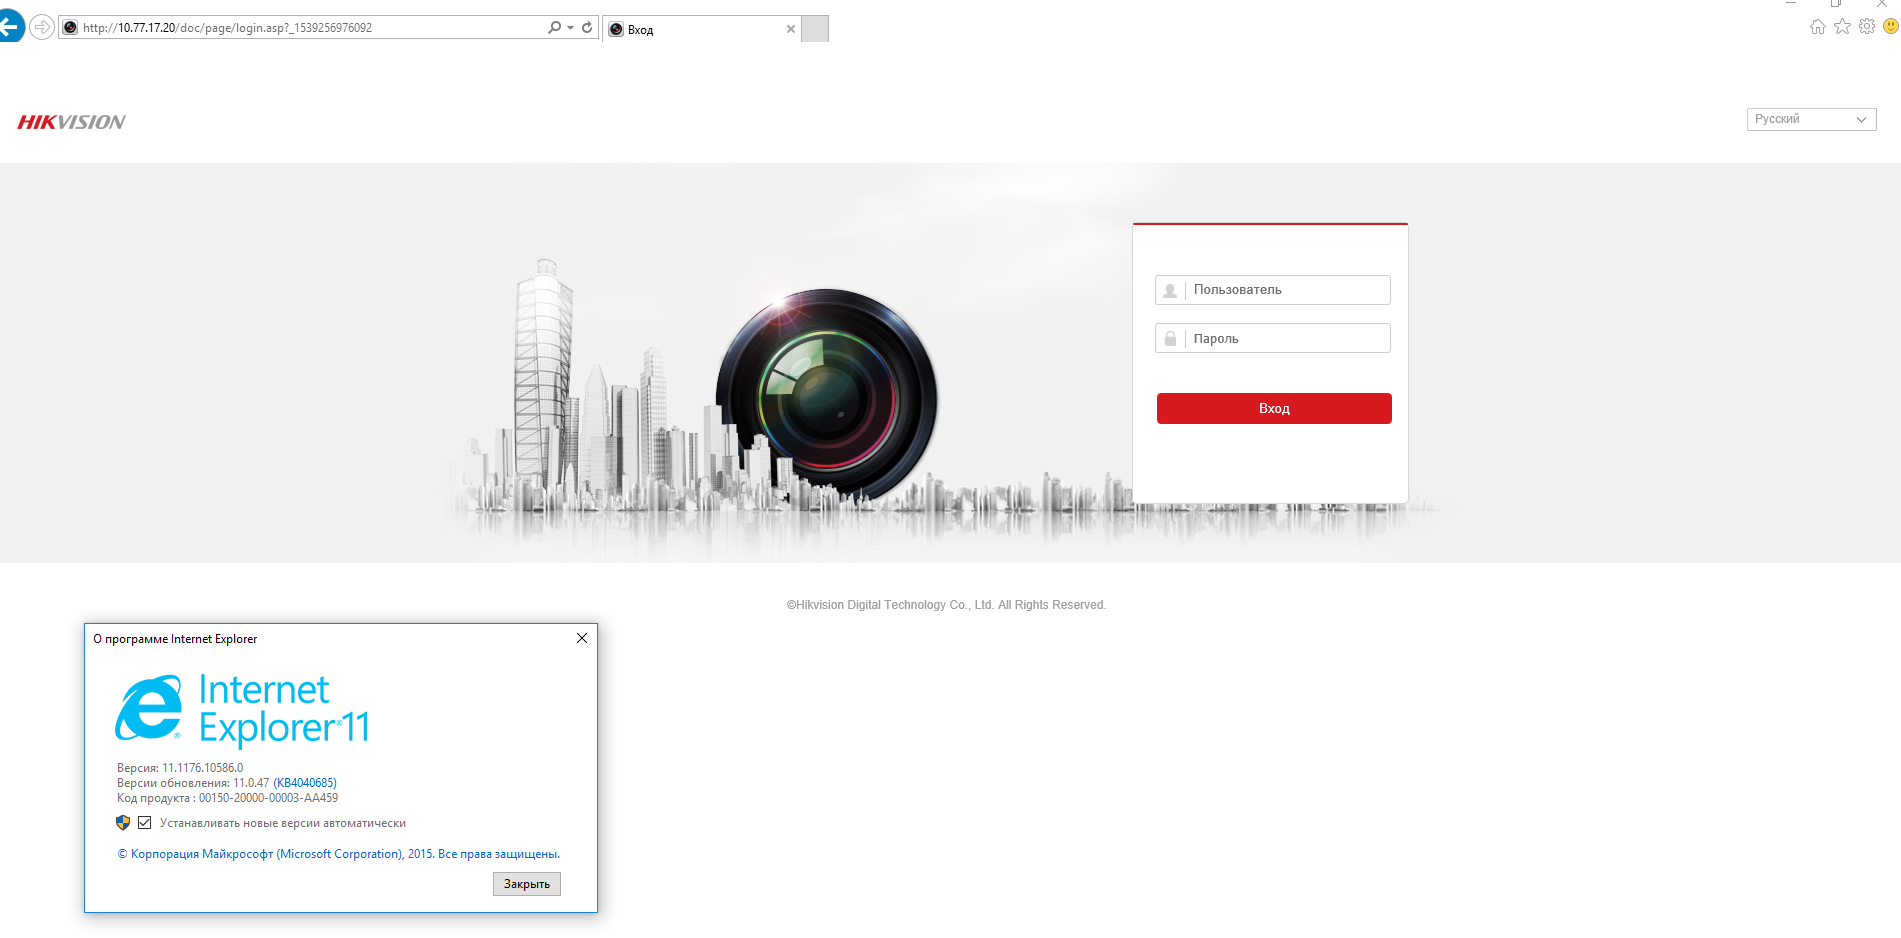 Настраиваем через браузер Internet Explorer видеорегистратор Hikvision